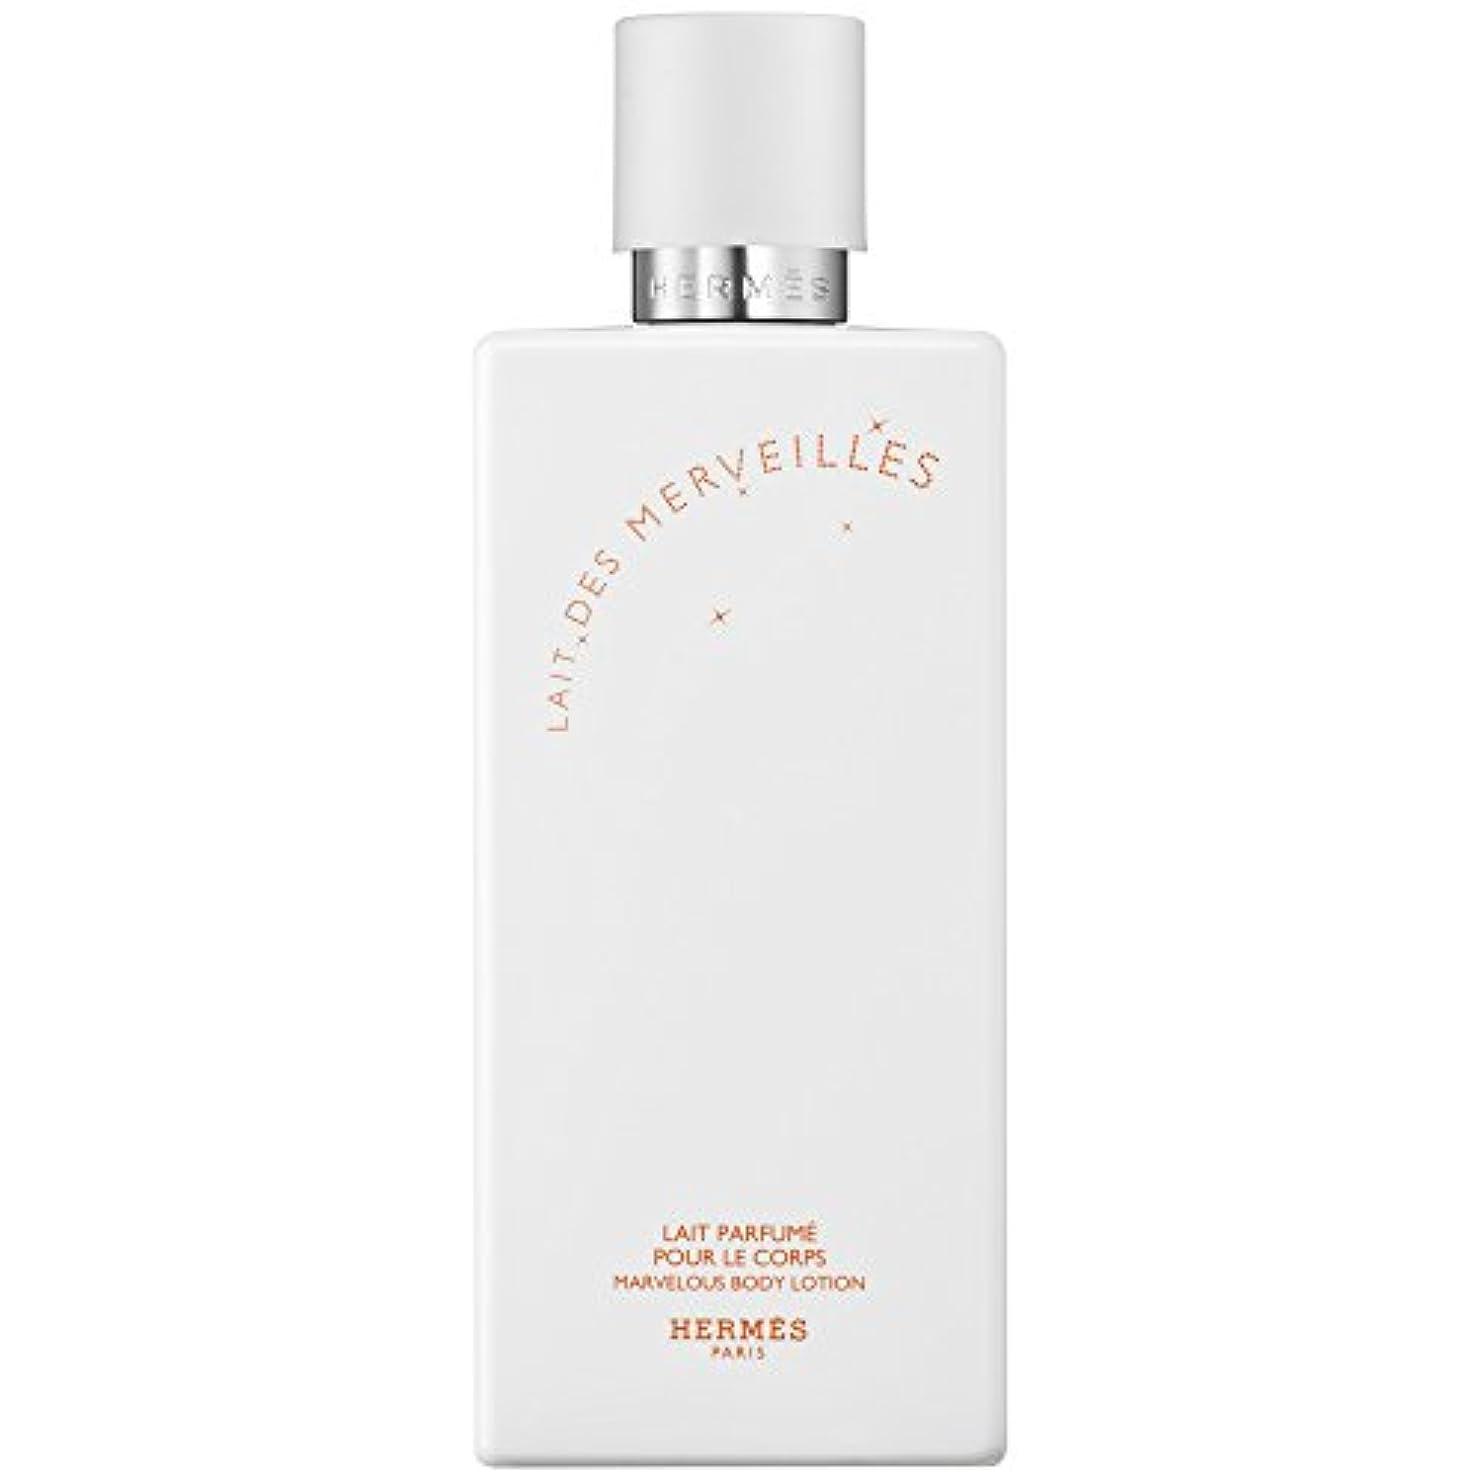 プット老人除外するエルメスオーデMerveilles香りのボディローション200ミリリットル (HERM?S) - HERM?S Eau Des Merveilles Perfumed Body Lotion 200ml [並行輸入品]